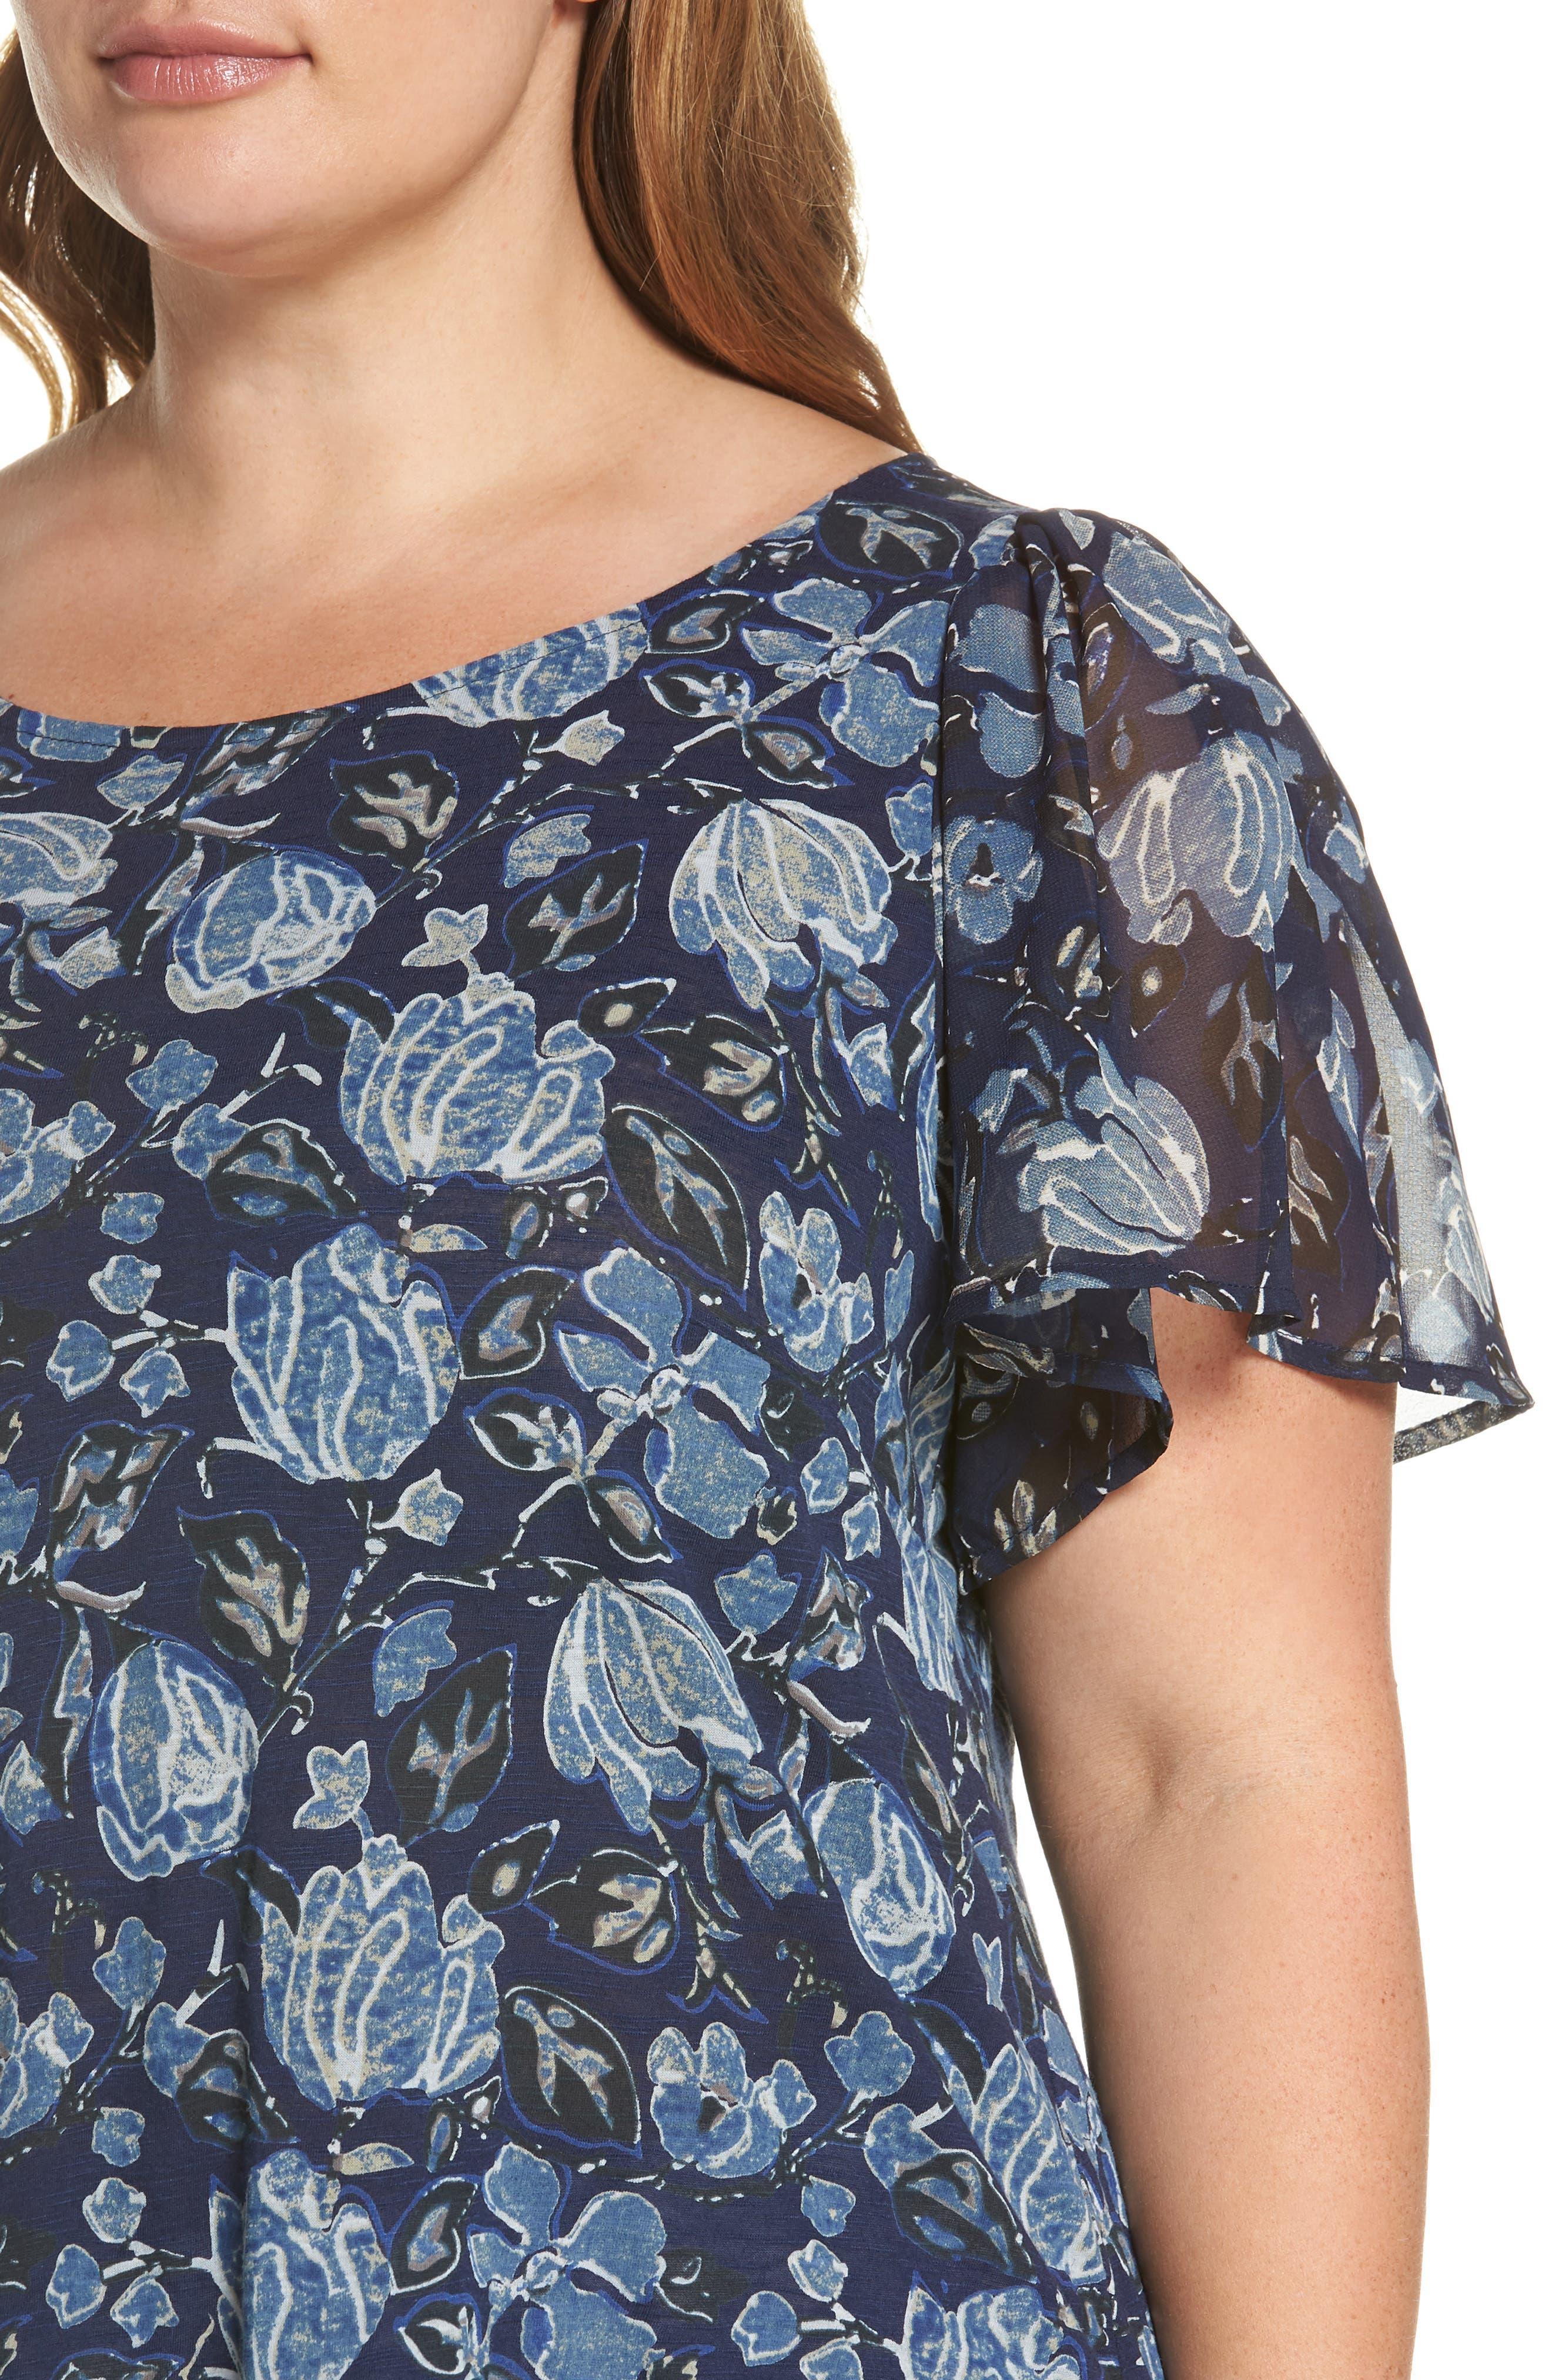 Floral Back Cutout Top,                             Alternate thumbnail 4, color,                             400